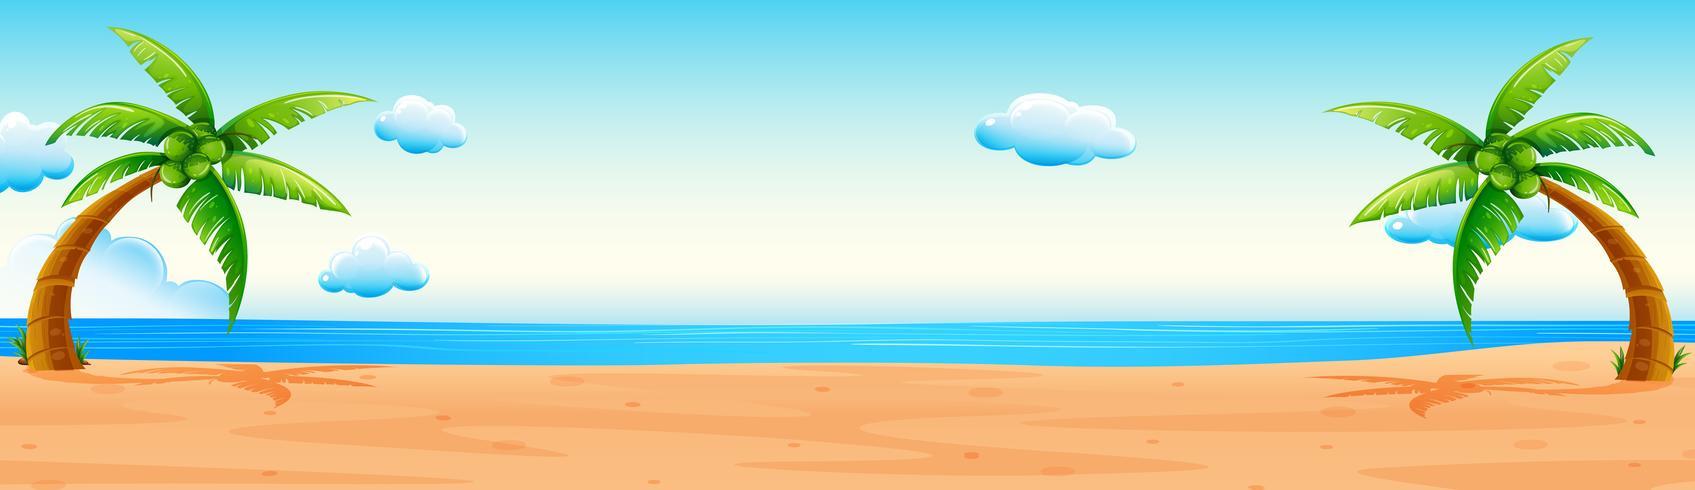 Scène avec plage et océan vecteur